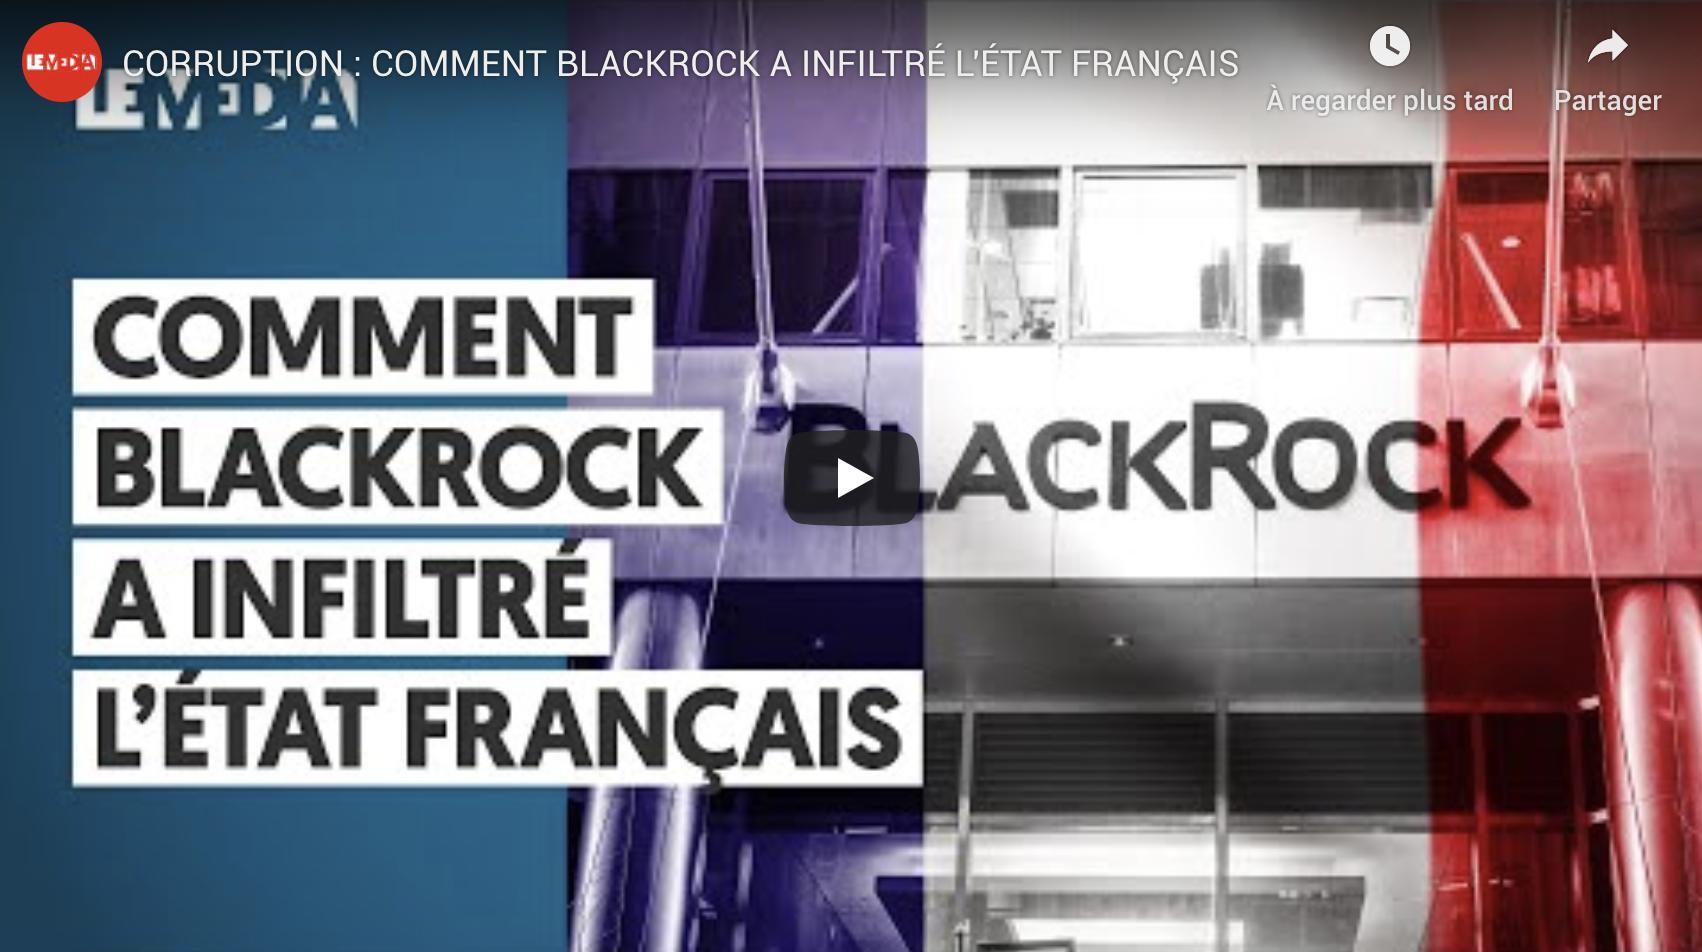 Corruption : Comment Blackrock a infiltré l'État français (VIDÉO)